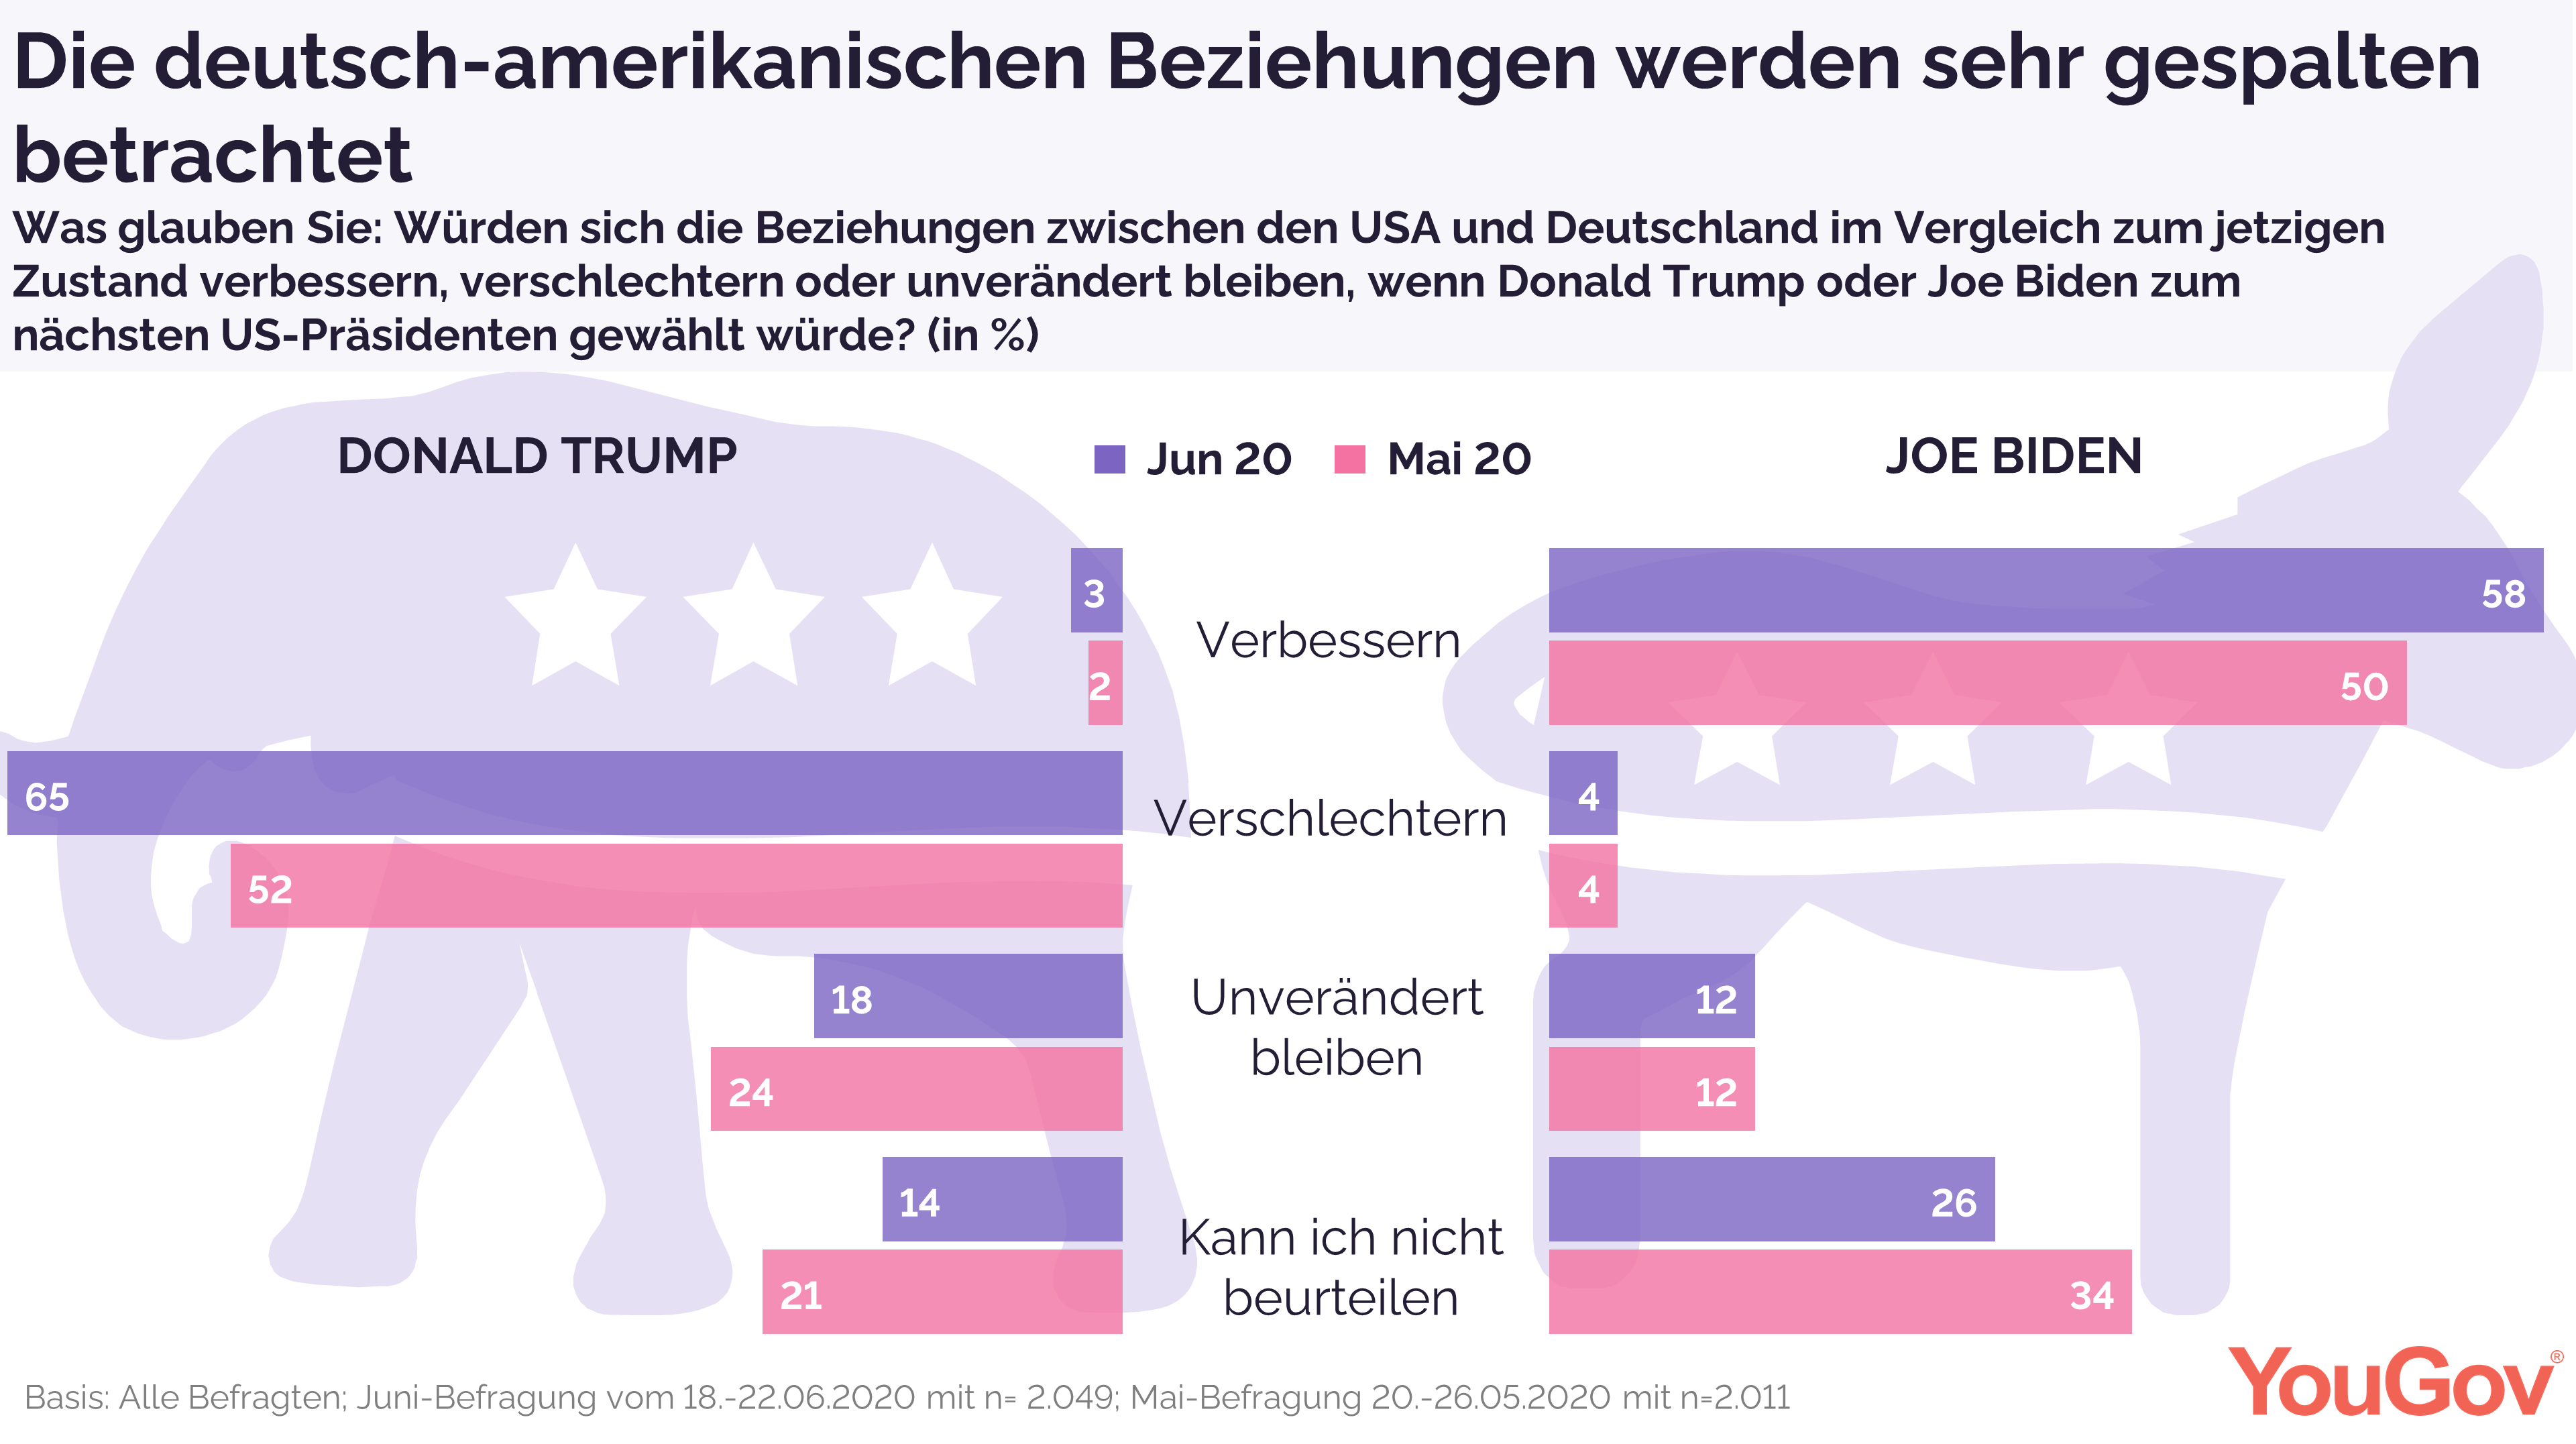 Gespaltene Sicht auf deutsch-amerikanische Beziehungen